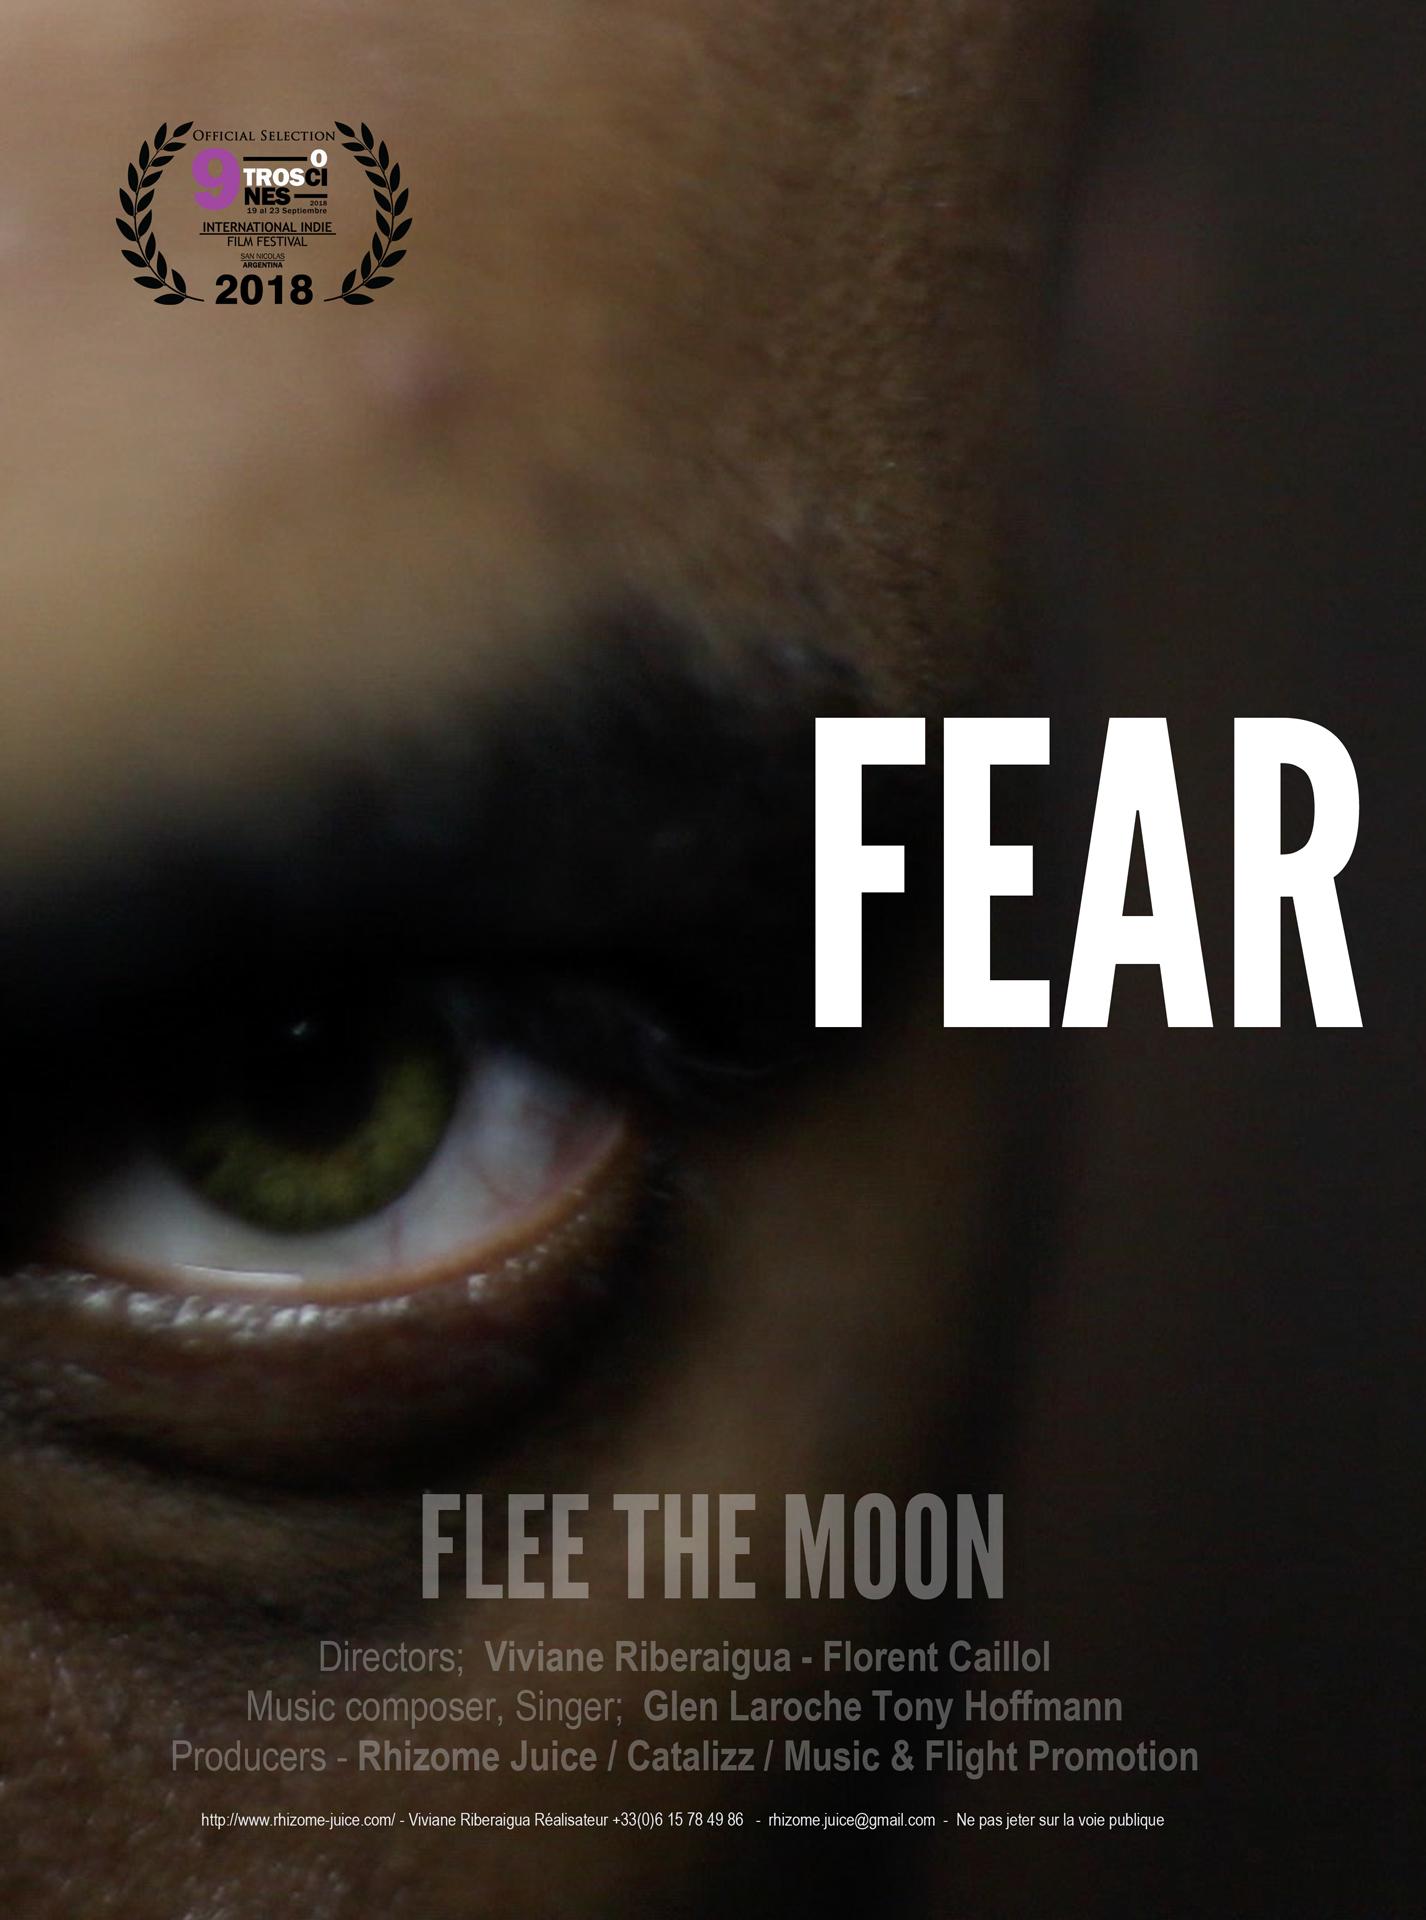 affiche de film fear